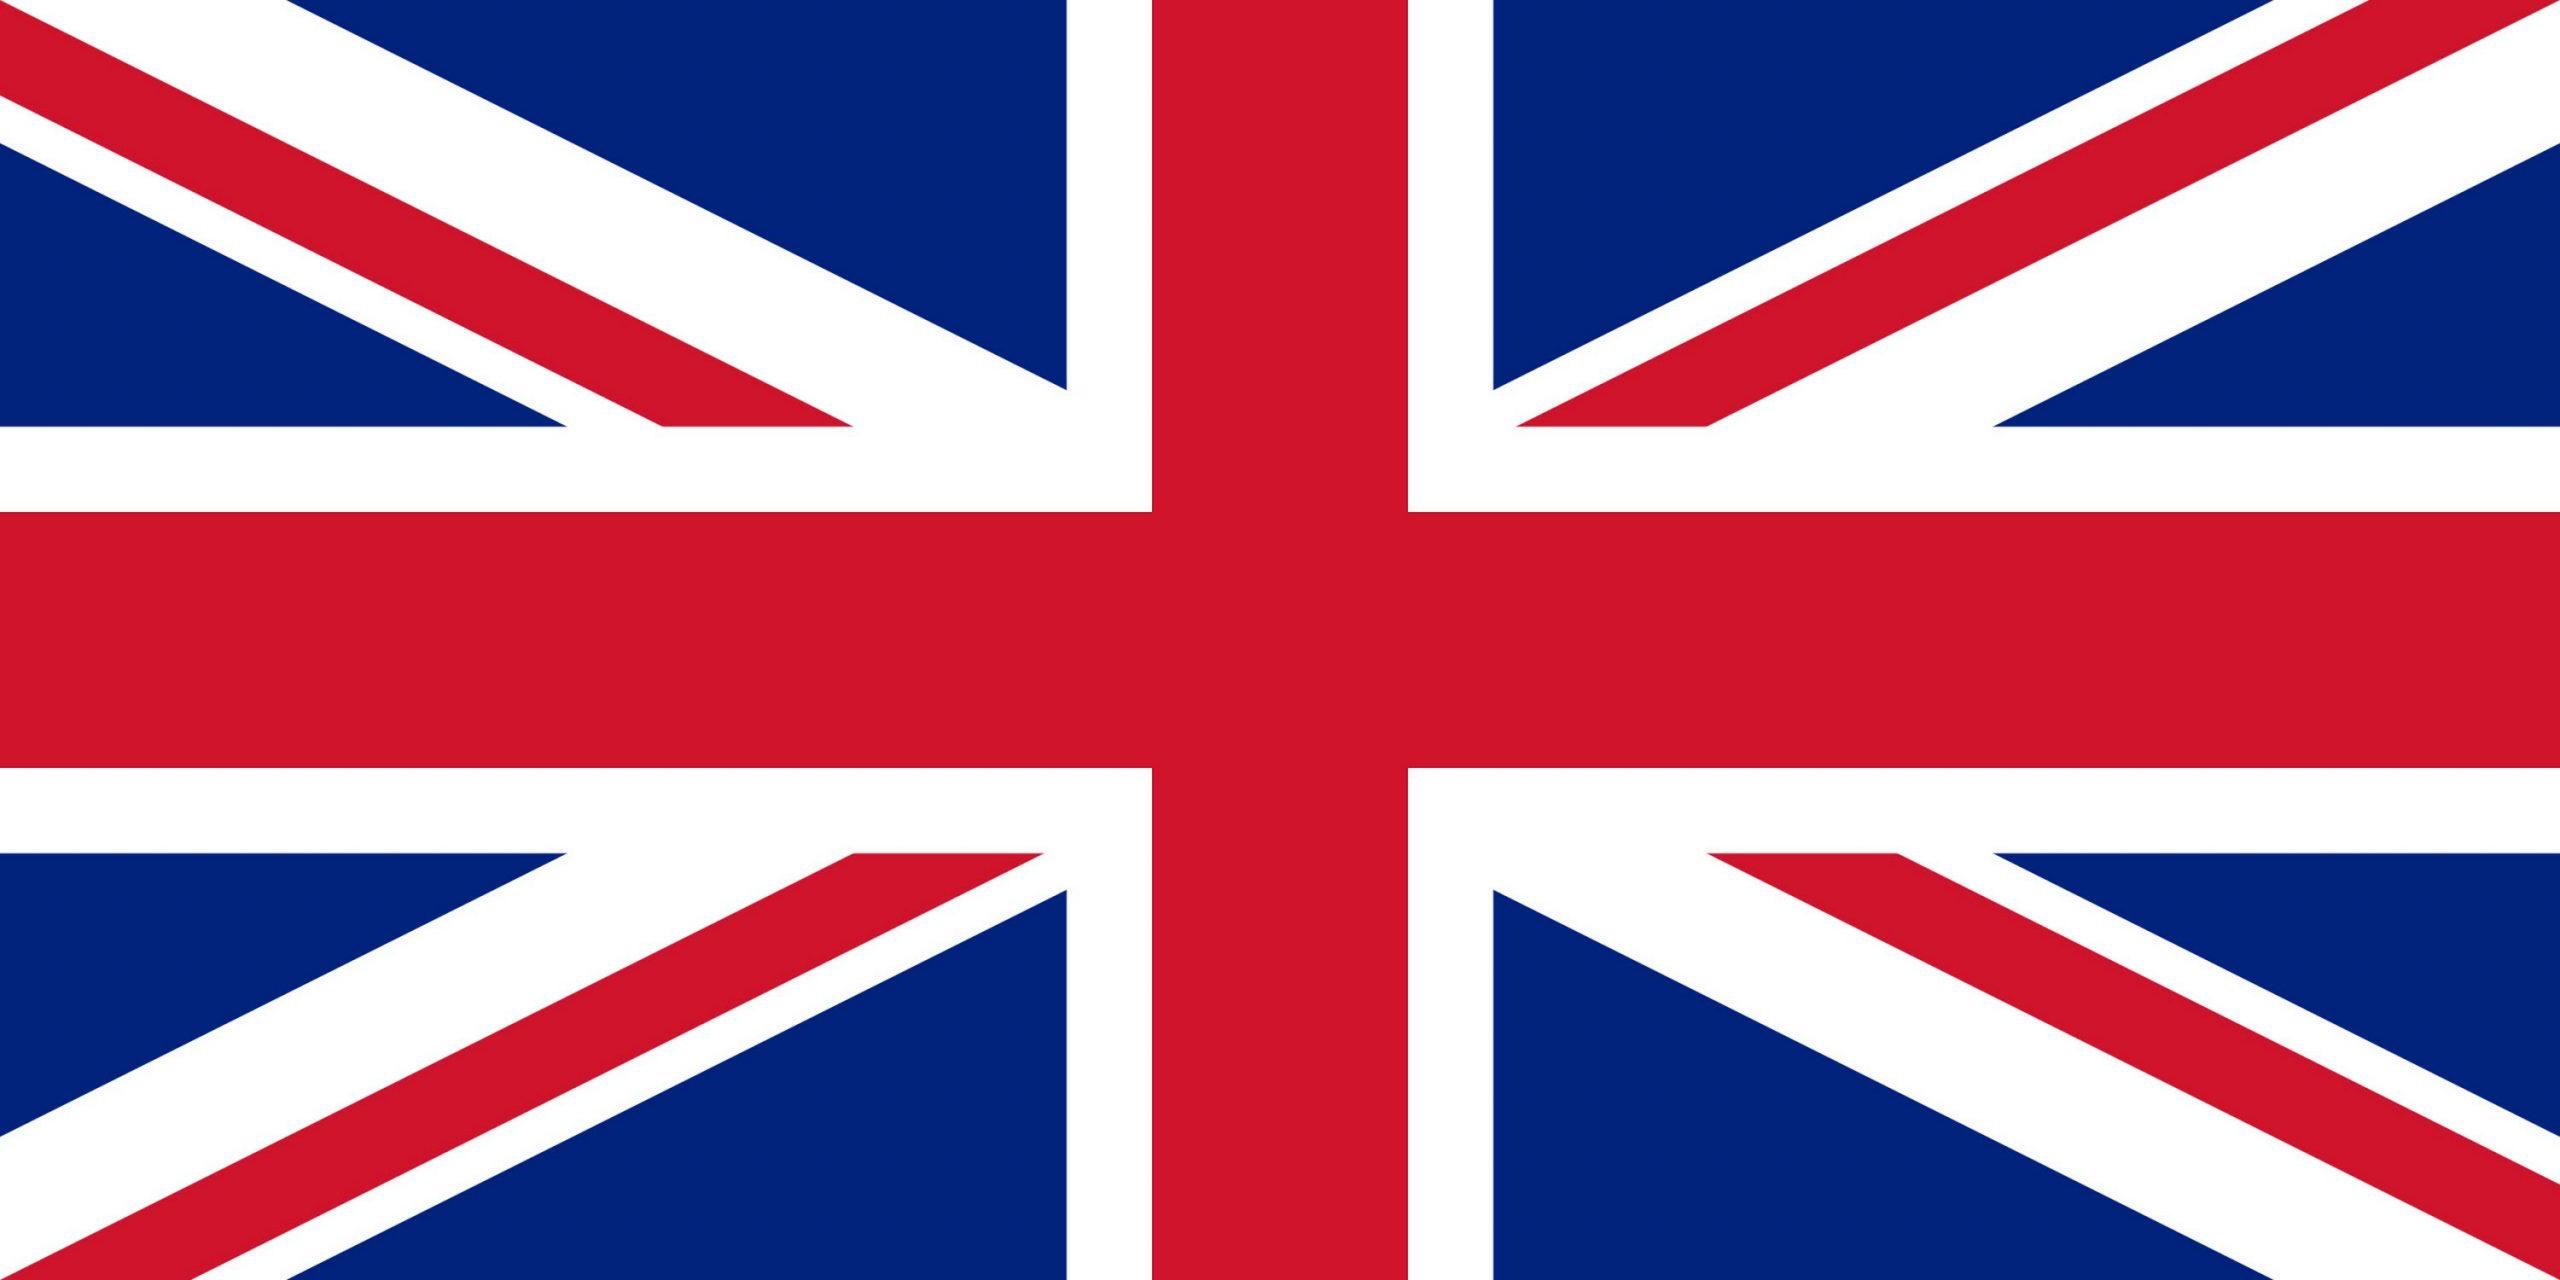 Drapeau Du Royaume-Uni, Drapeaux Du Pays Royaume-Uni concernant Drapeaux Européens À Imprimer